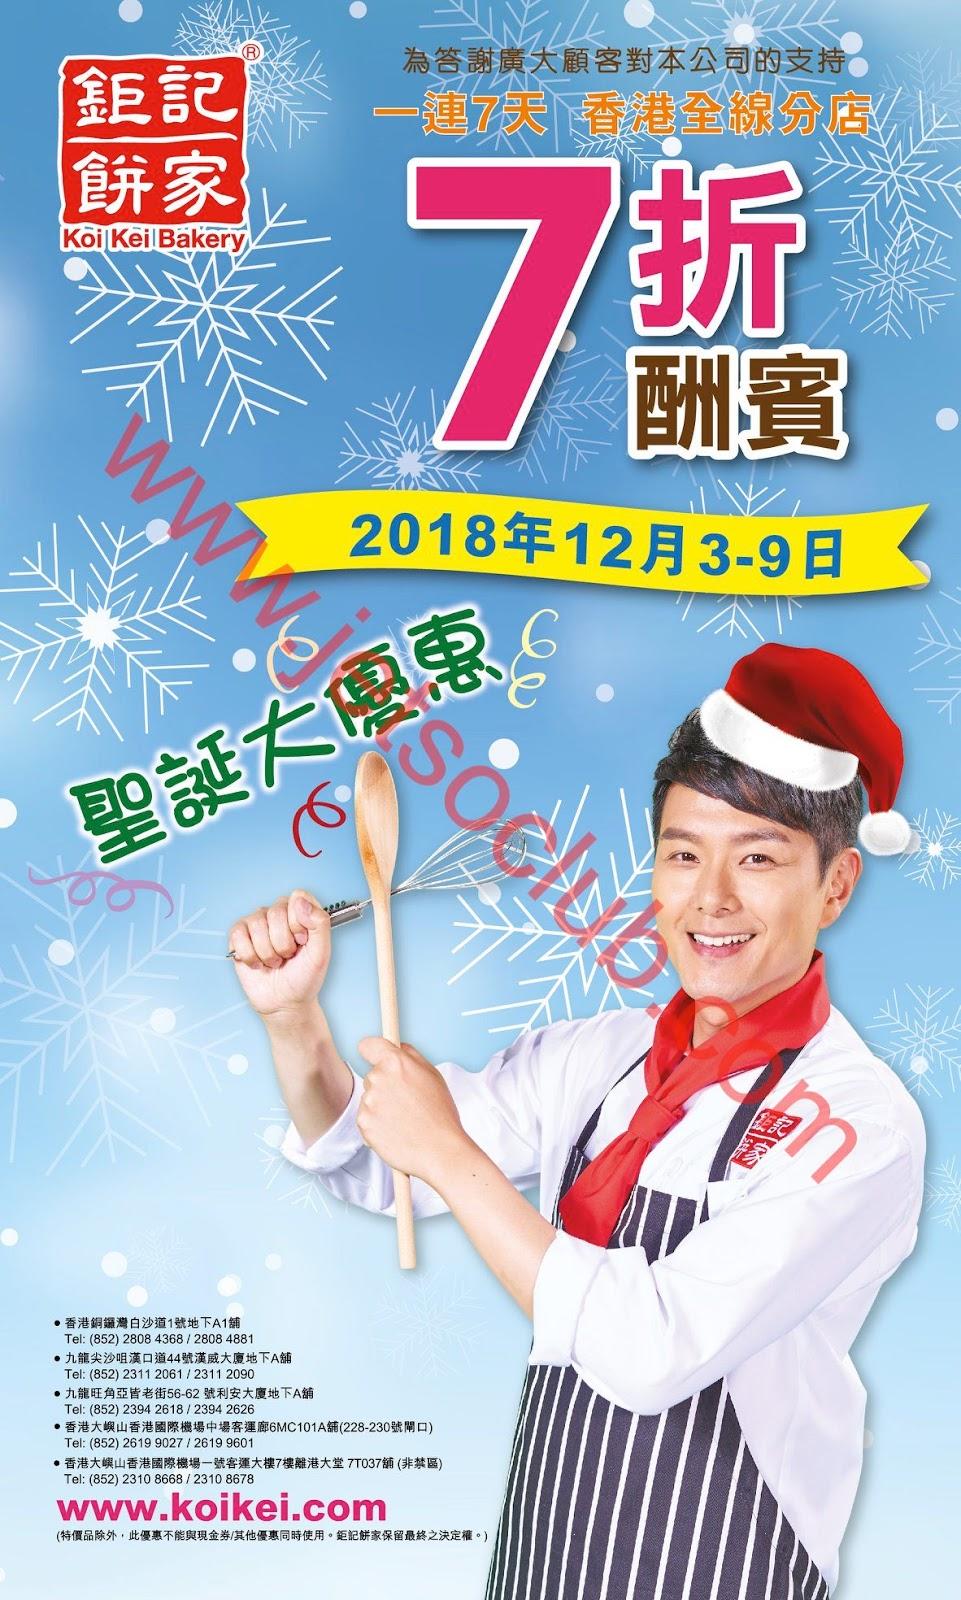 鉅記餅家:聖誕大優惠 7折酬賓(3-9/12) ( Jetso Club 著數俱樂部 )